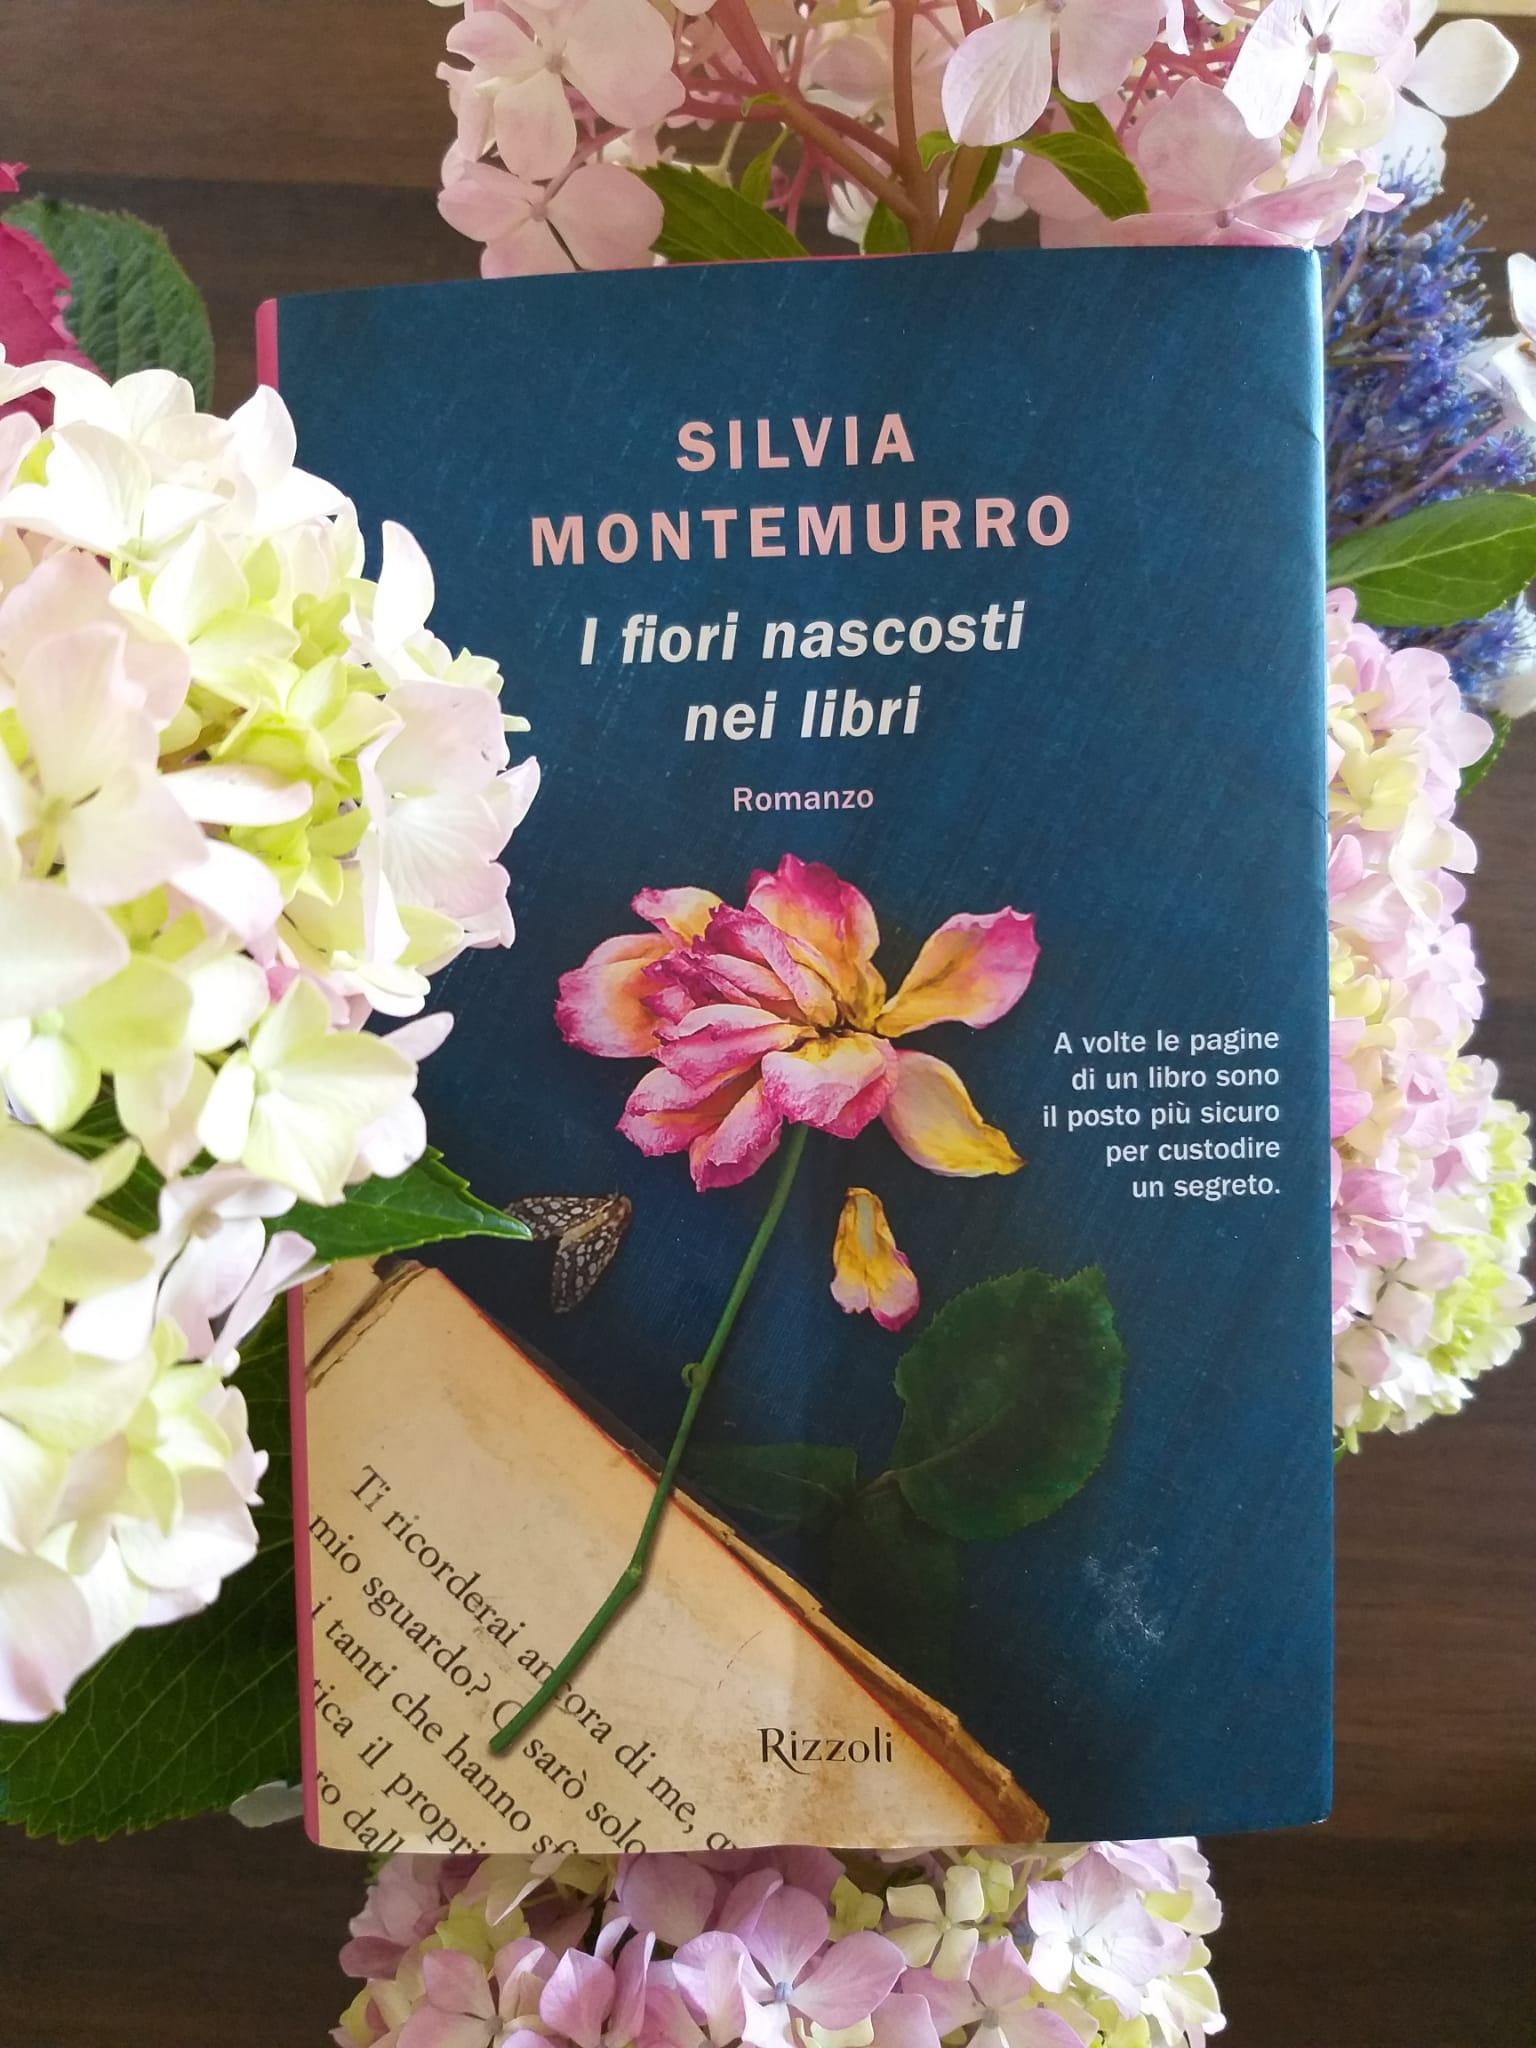 I fiori nascosti nei libri di Silvia Montemurro